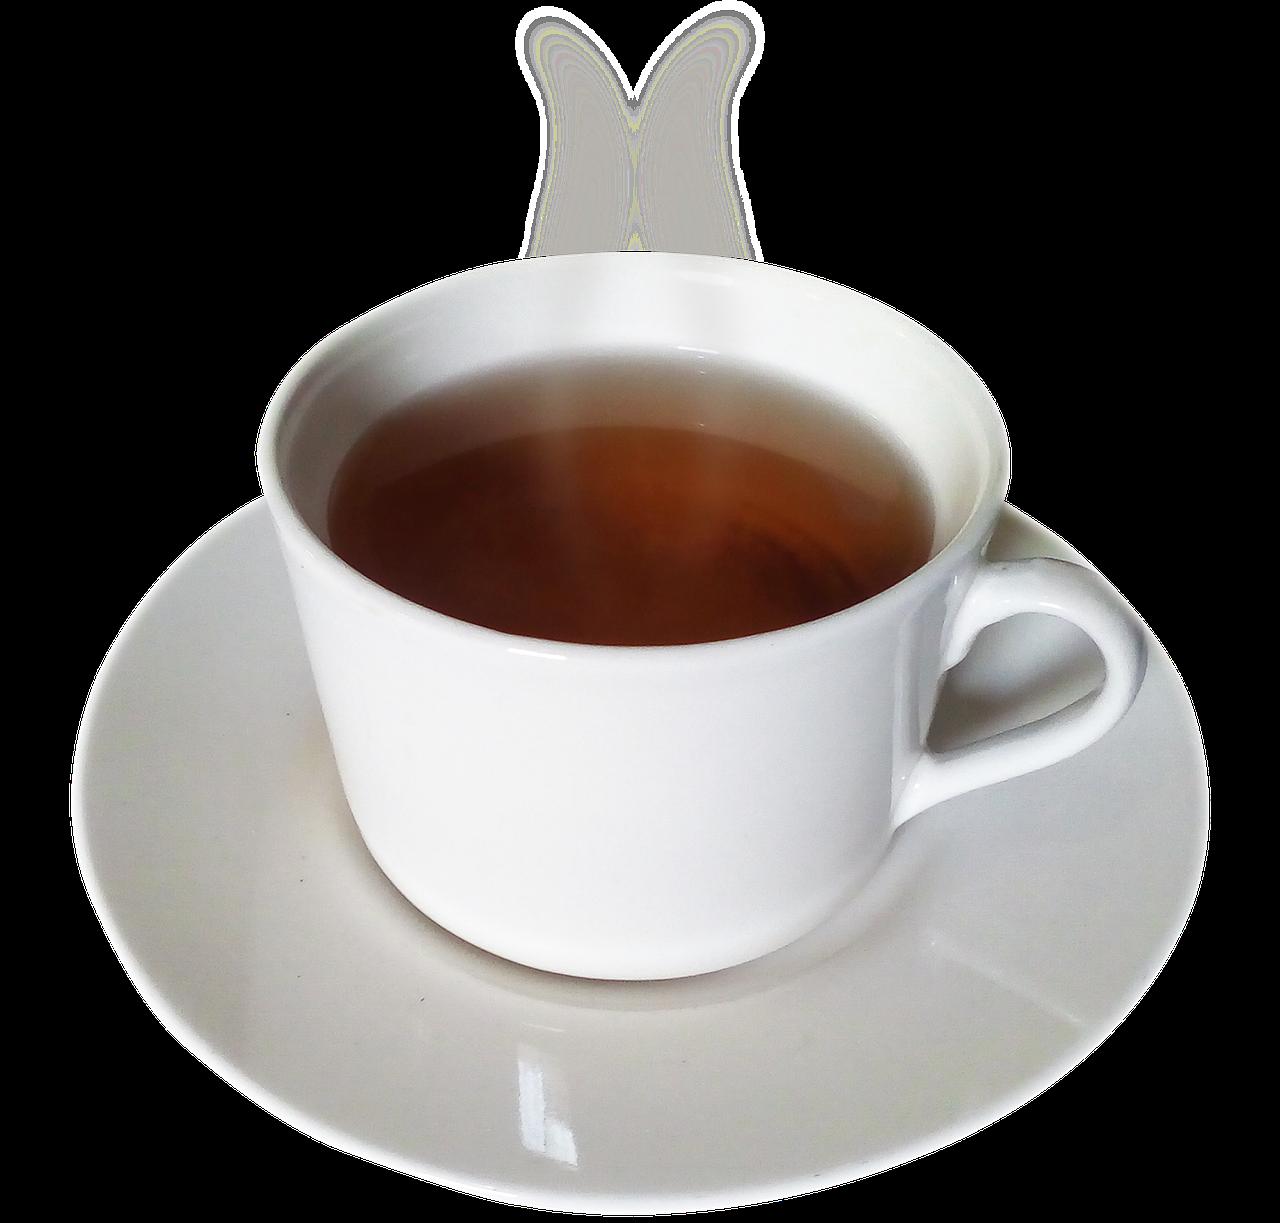 черный чай картинка без фона плюсом покраски полов